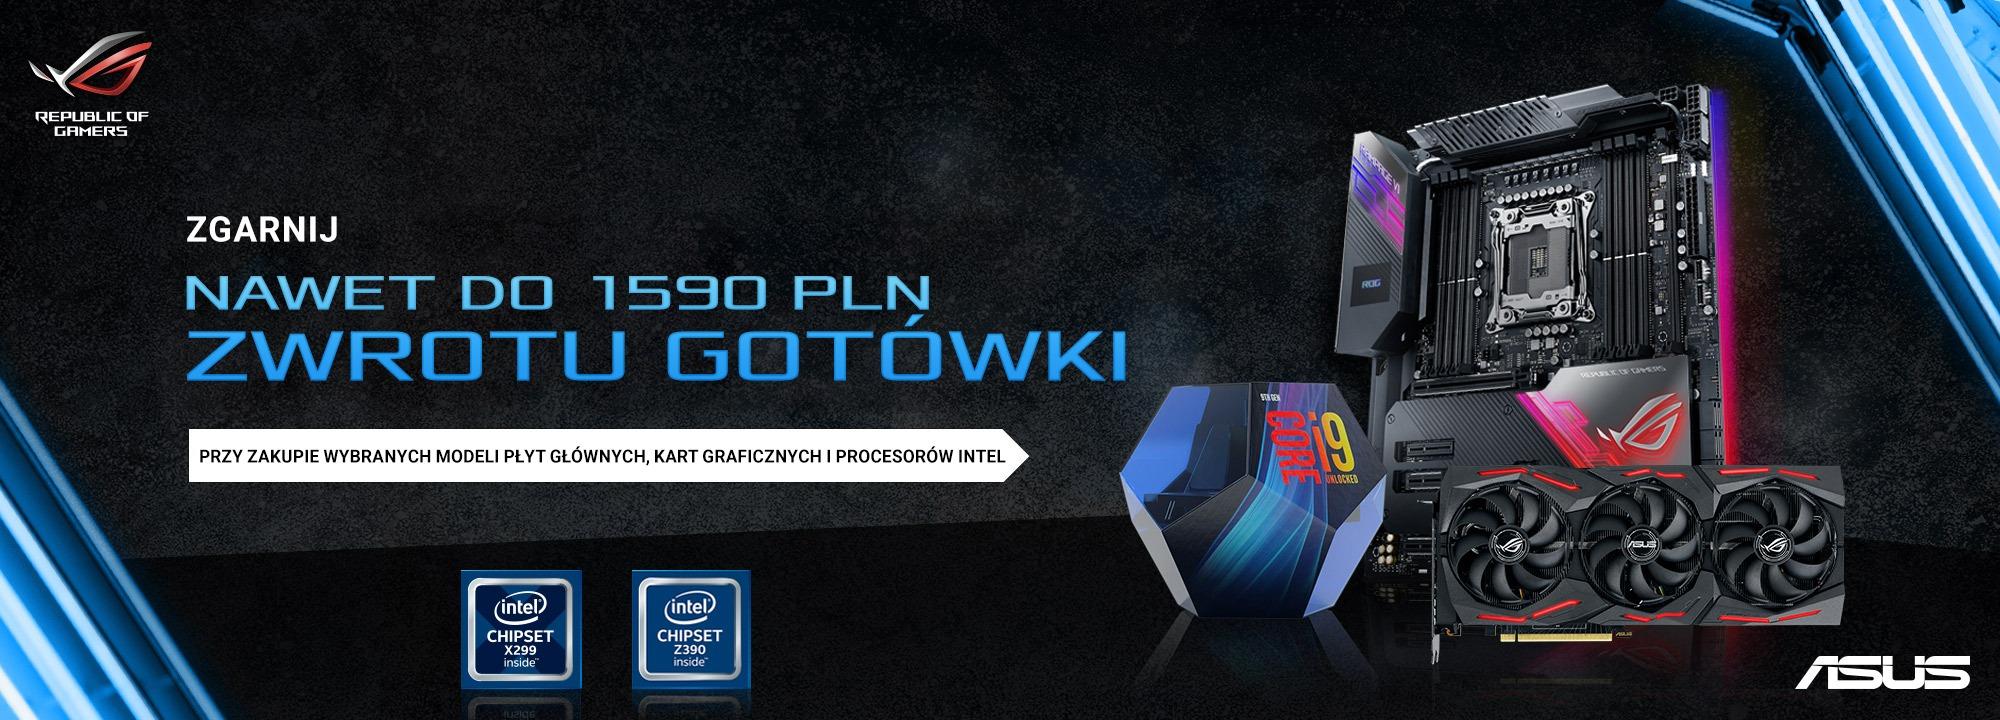 ASUS Cashback - zwrot gotówki do 1590 zł za zakup płyty X299/Z390 z procesorem Intel